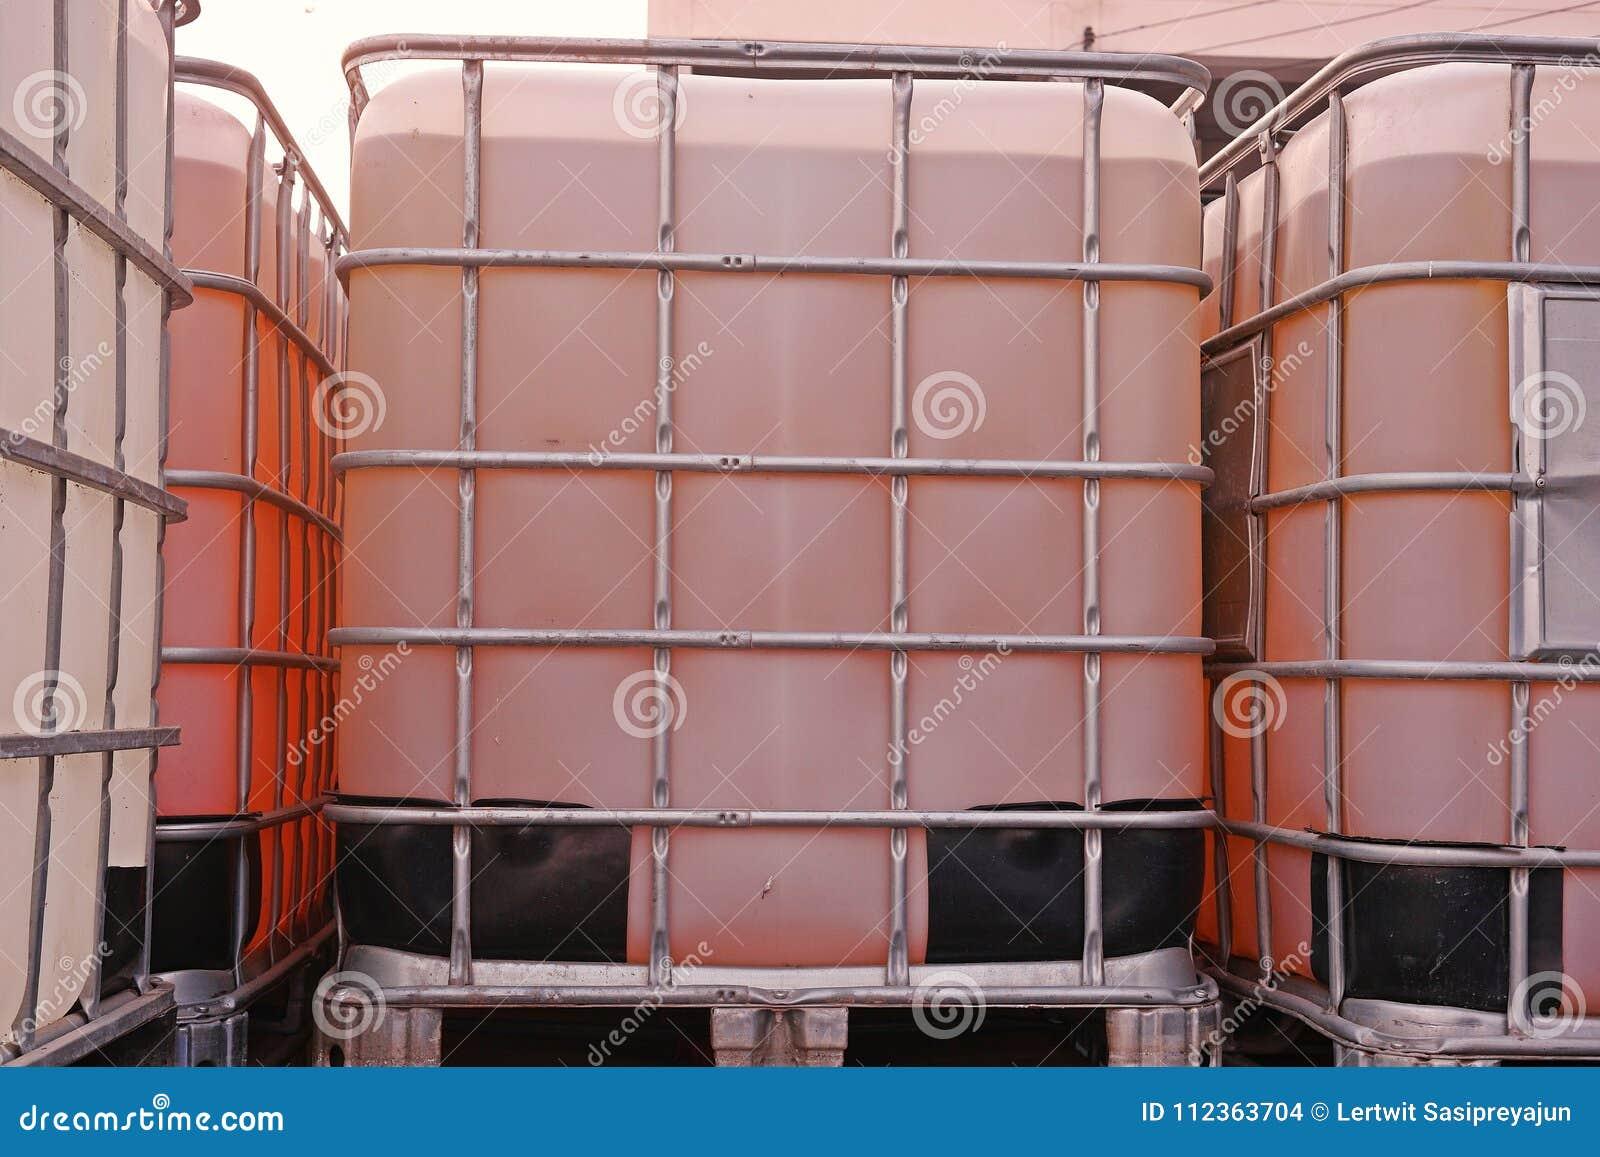 Schüttgutcontainer für flüssiges Lösungsmittel und Chemikalie